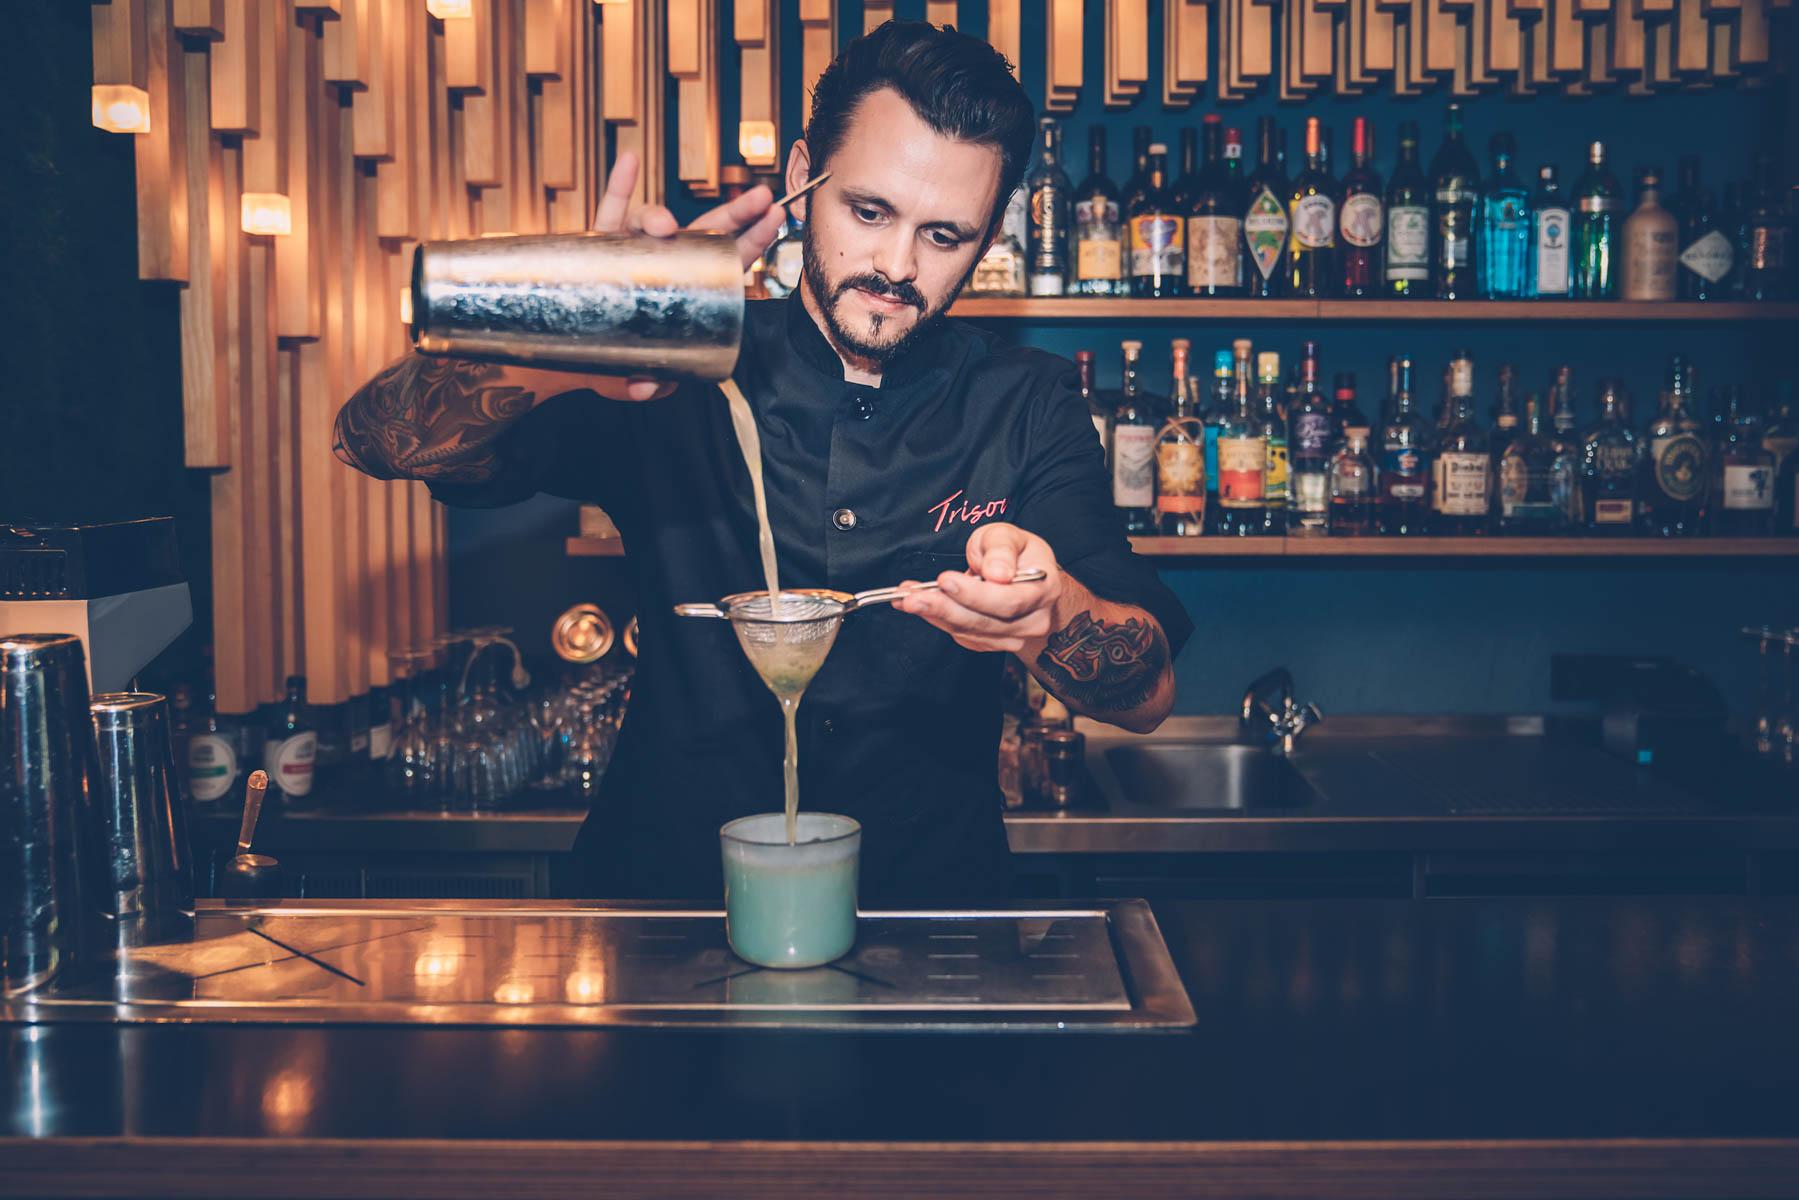 Barchef Phillip erfüllt euch eure Cocktail Wünsche. – ©wunderland media GmbH